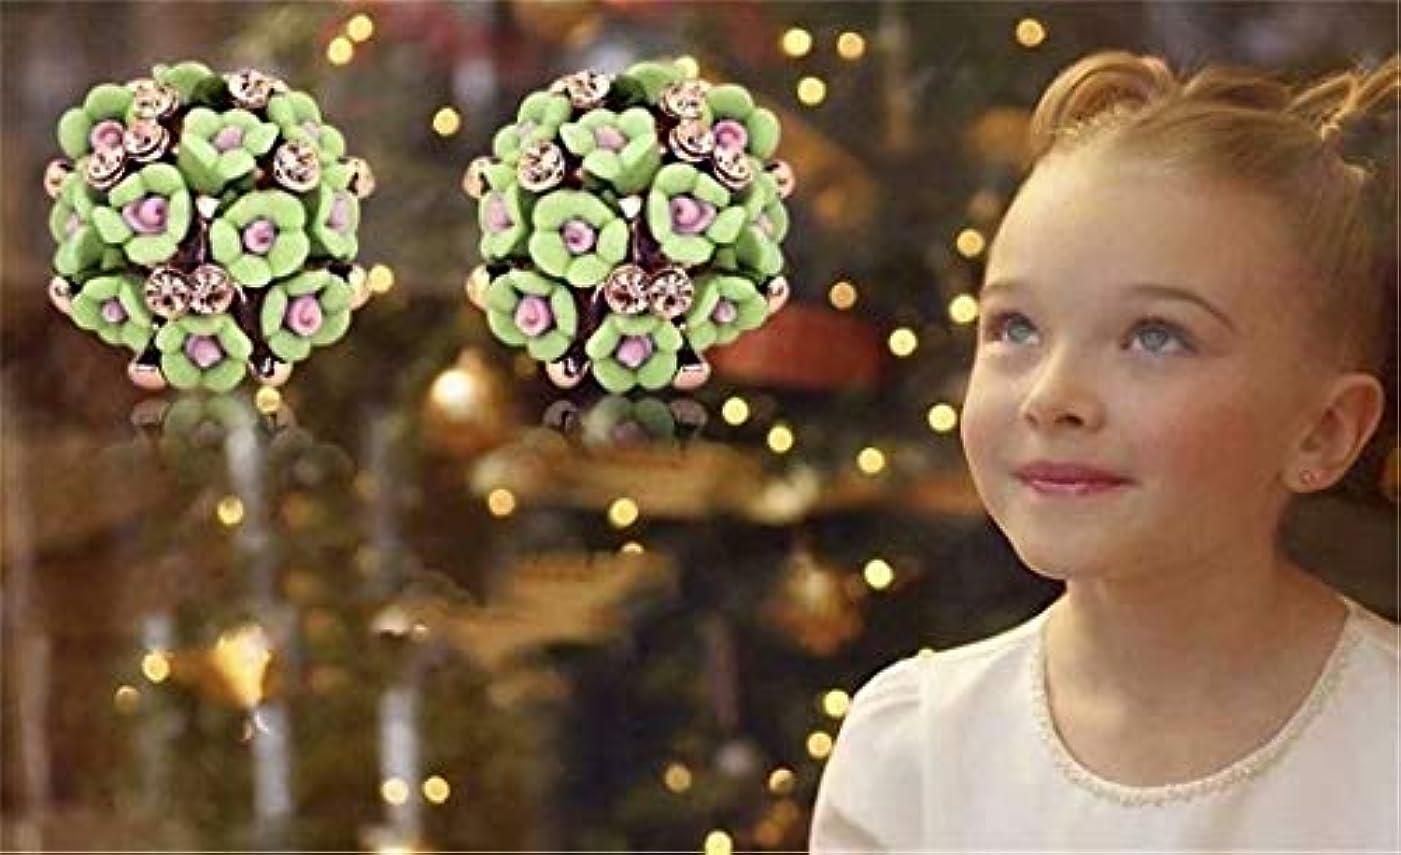 ピクニックリンケージキャスト七里の香 女性 ソフトセラミック フラワーズ 咲く 絶妙の 可愛い 誇張されました ダイヤモンド イヤリング 女性たち